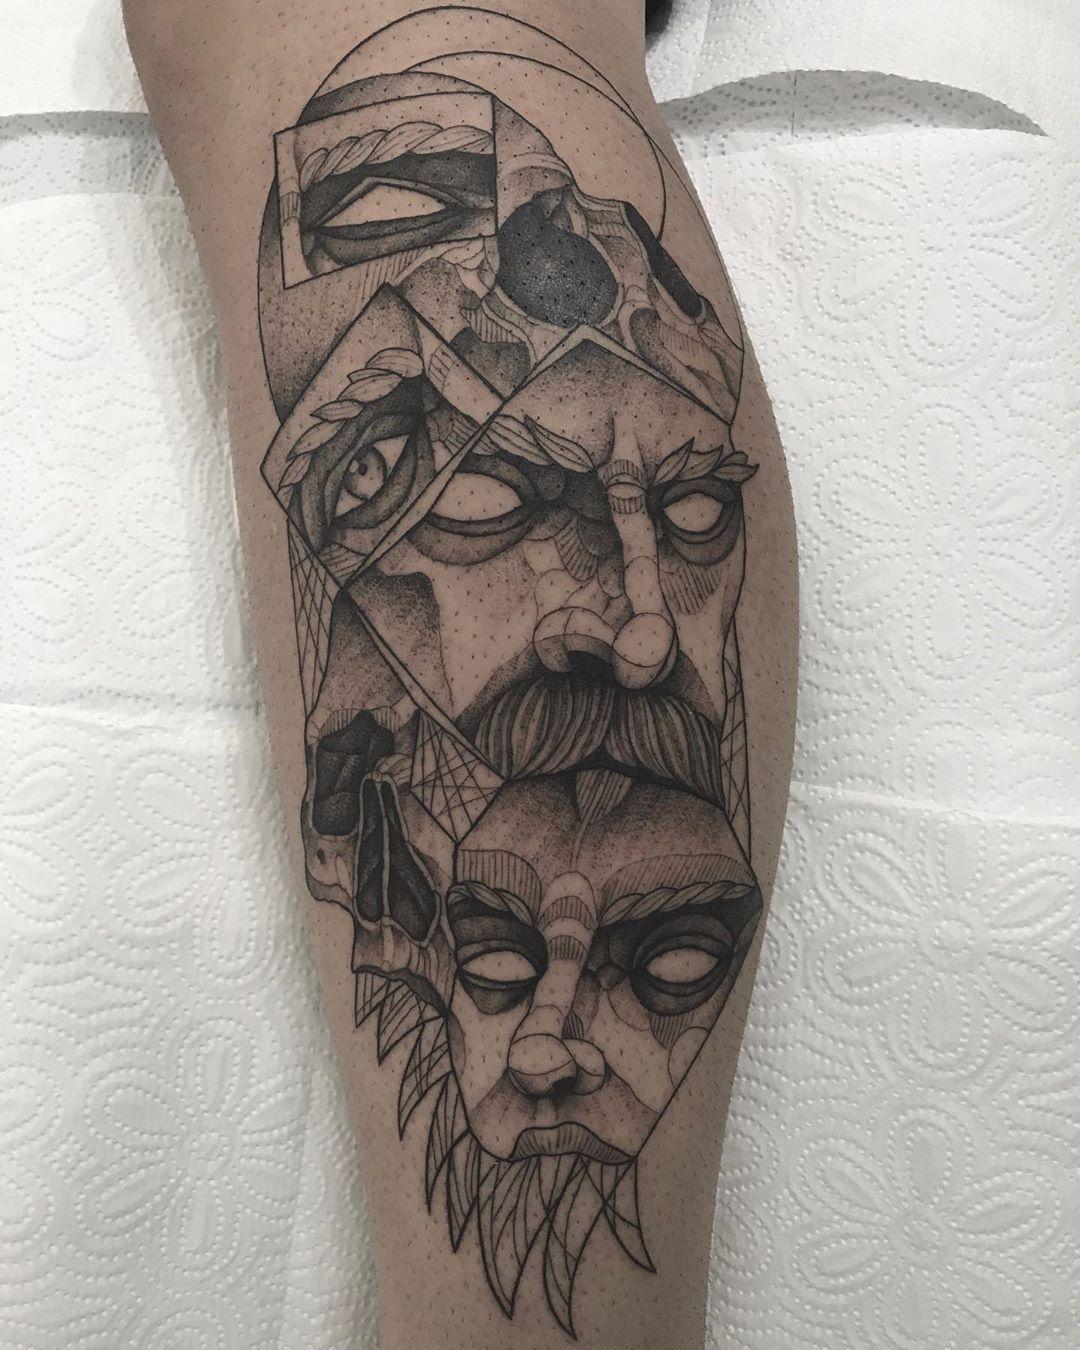 #tattoo #tattoos #drawing #tattoodrawings #tattoodo #tattooline #tattoodesign #tattoodesigns #tattoodesigner #tattooartist #tattoomodell #tattootime #tattoomagazine #tattooman #skulltattoo #blackworktattoo